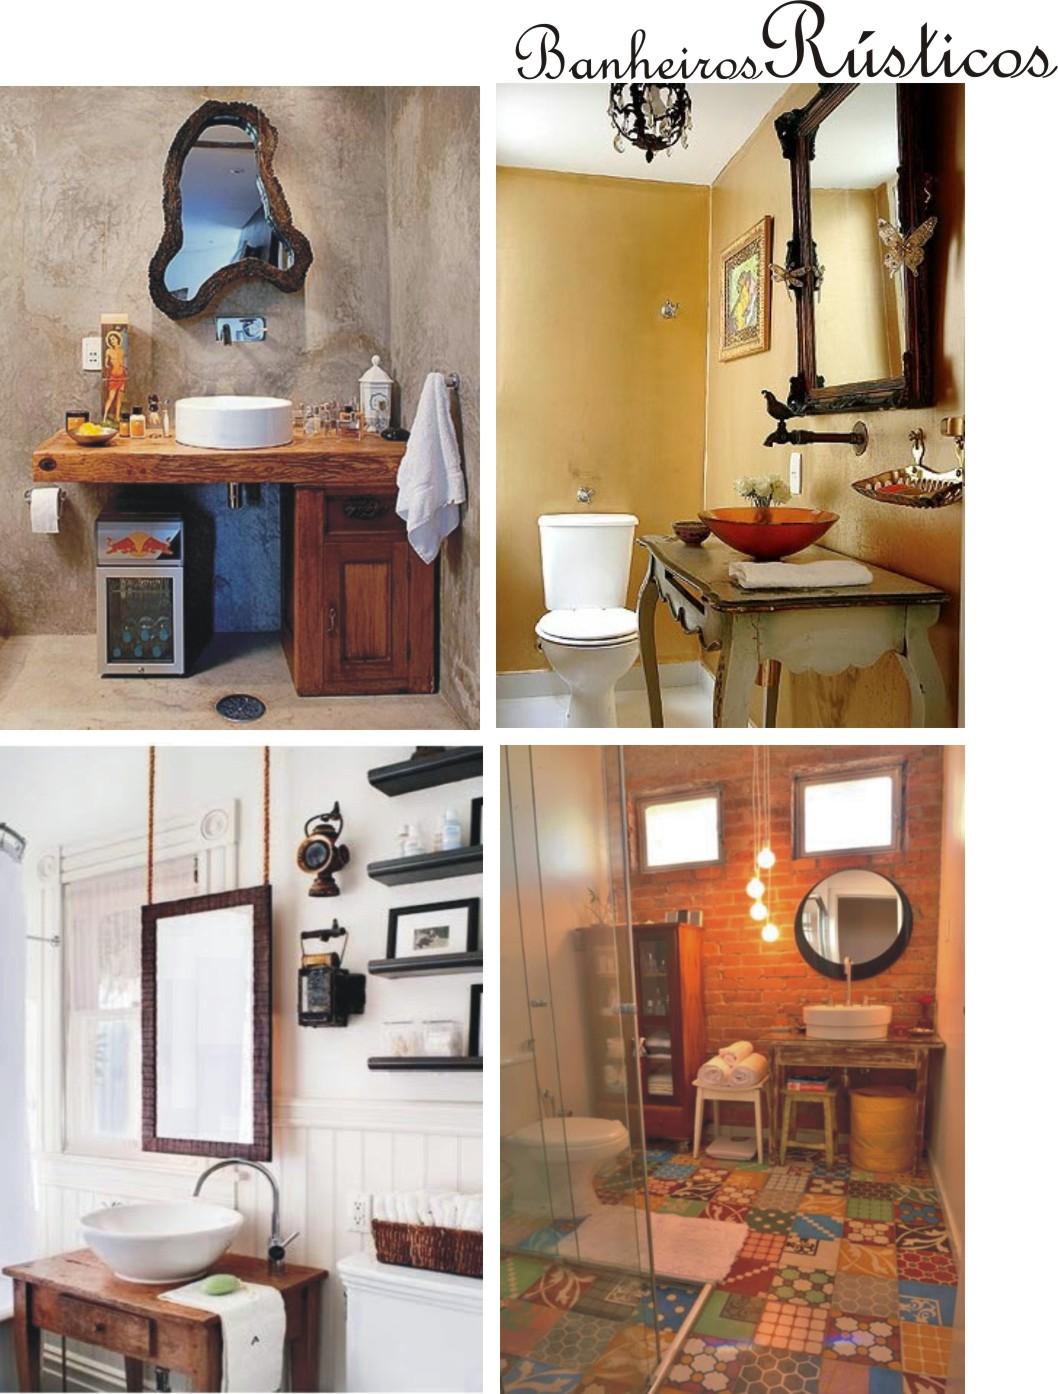 banheiro e acho que podemos ter varias idéas criativas para ele #9B6530 1058 1394